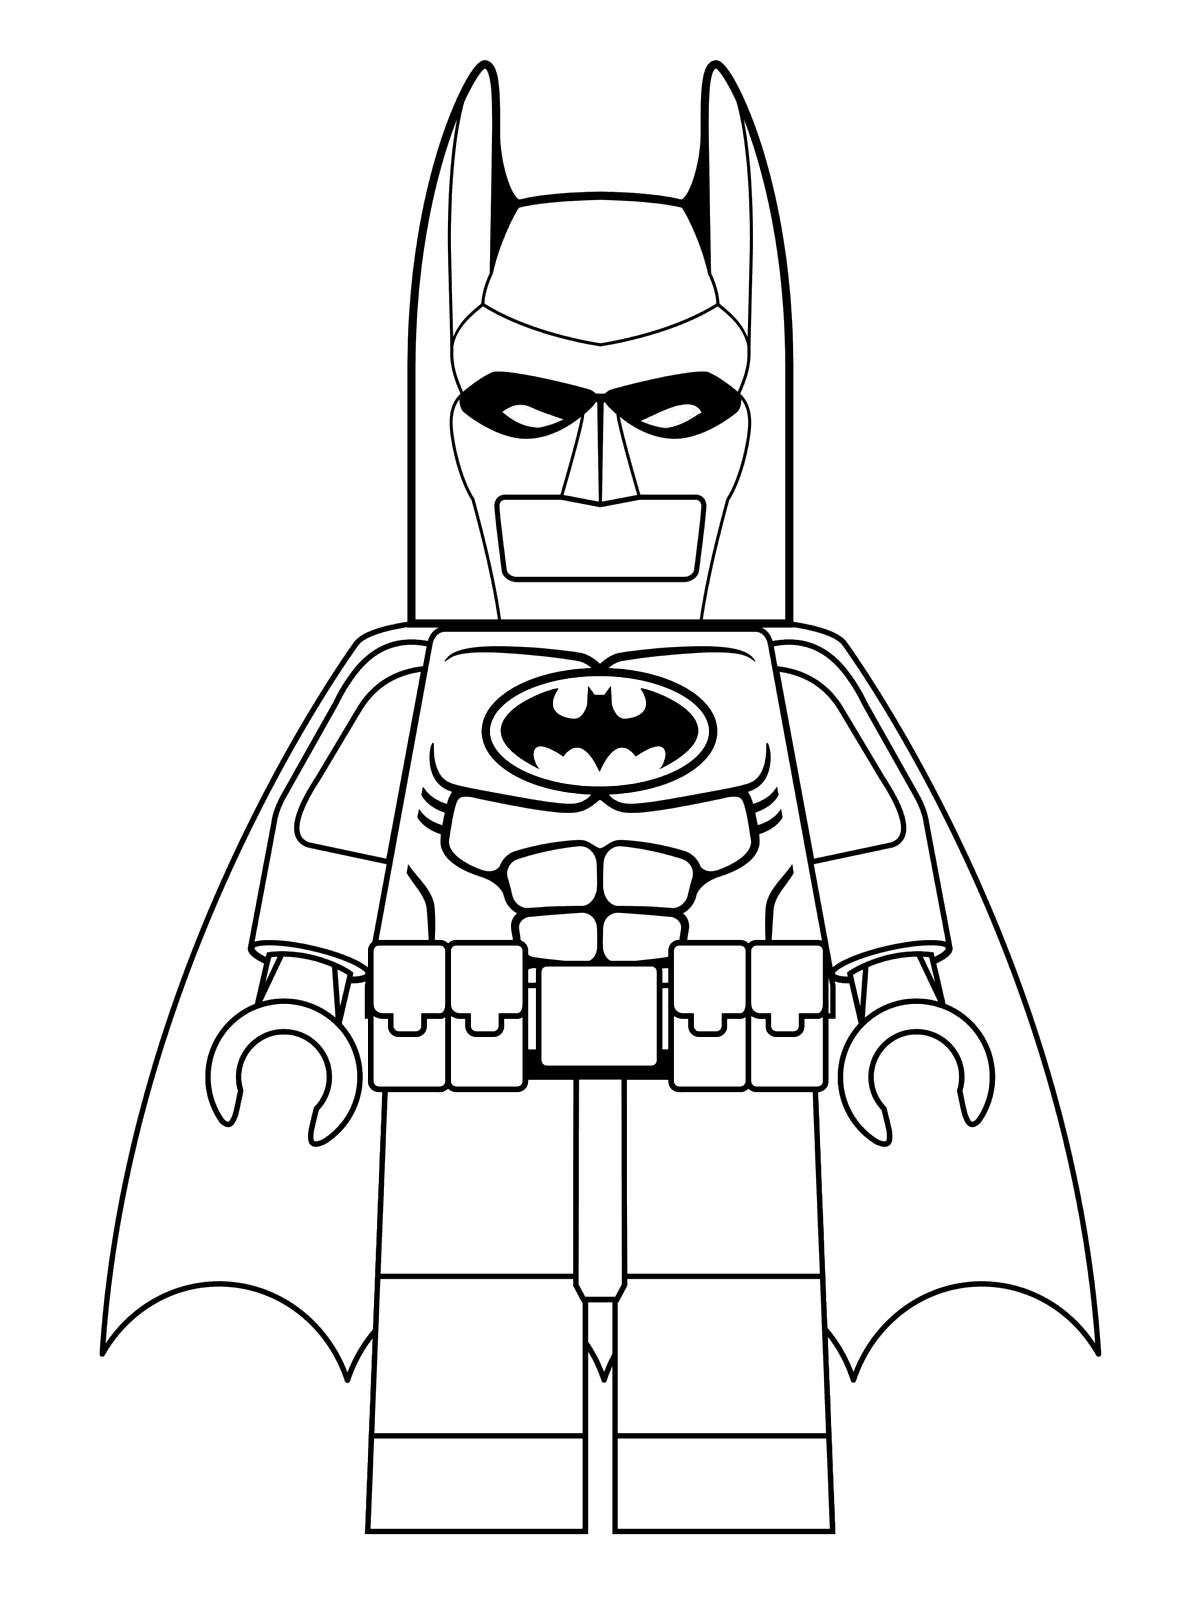 Lego Batman To Print - Lego Batman Kids Coloring Pages - Free Printable Batman Coloring Pages